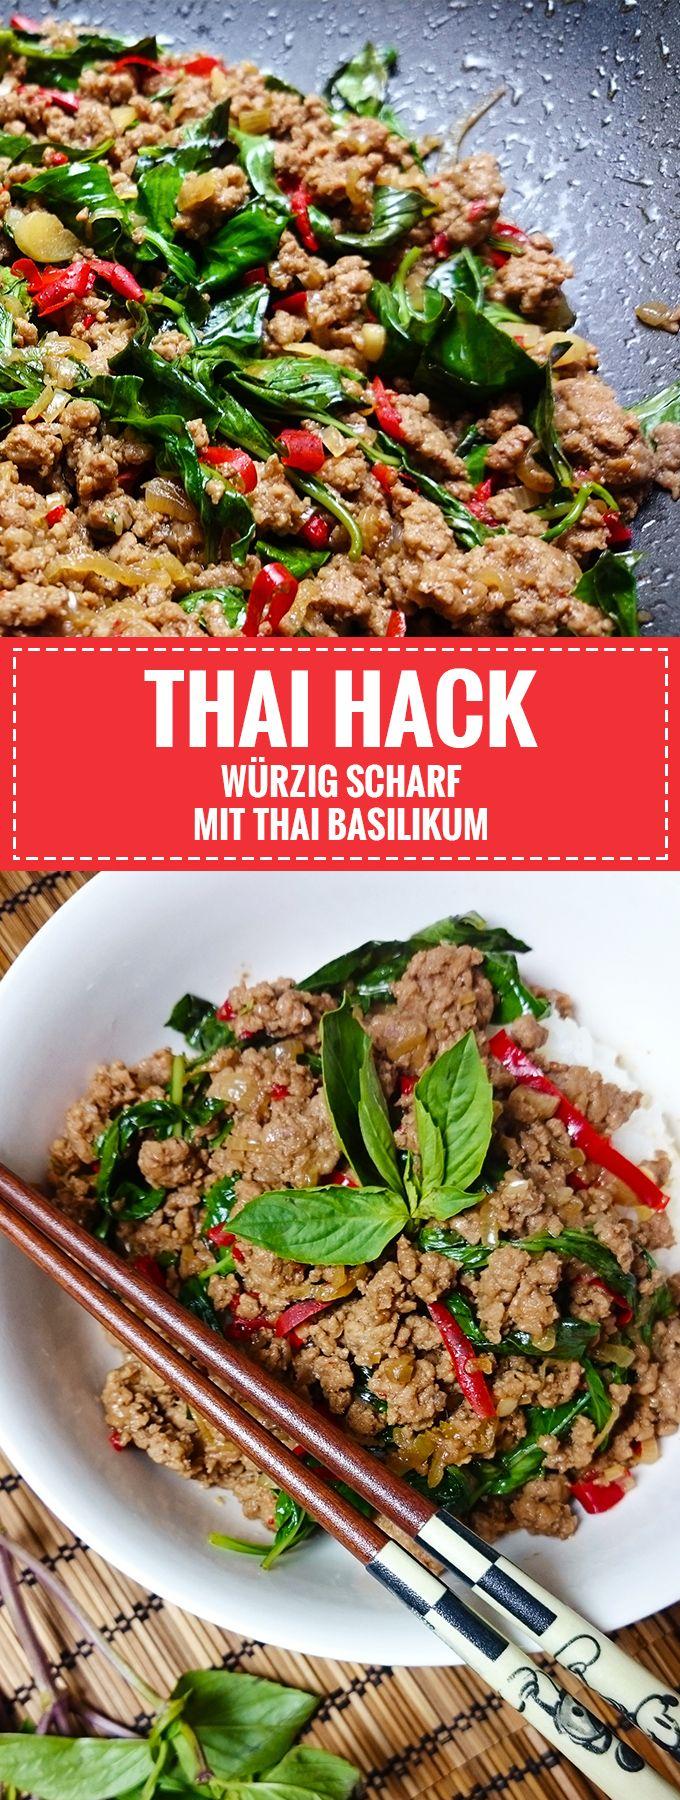 Würzig und Scharf // Thai-Hackfleisch mit Basilikum // Pad Krapao // Knabberkult.de #chinesefood